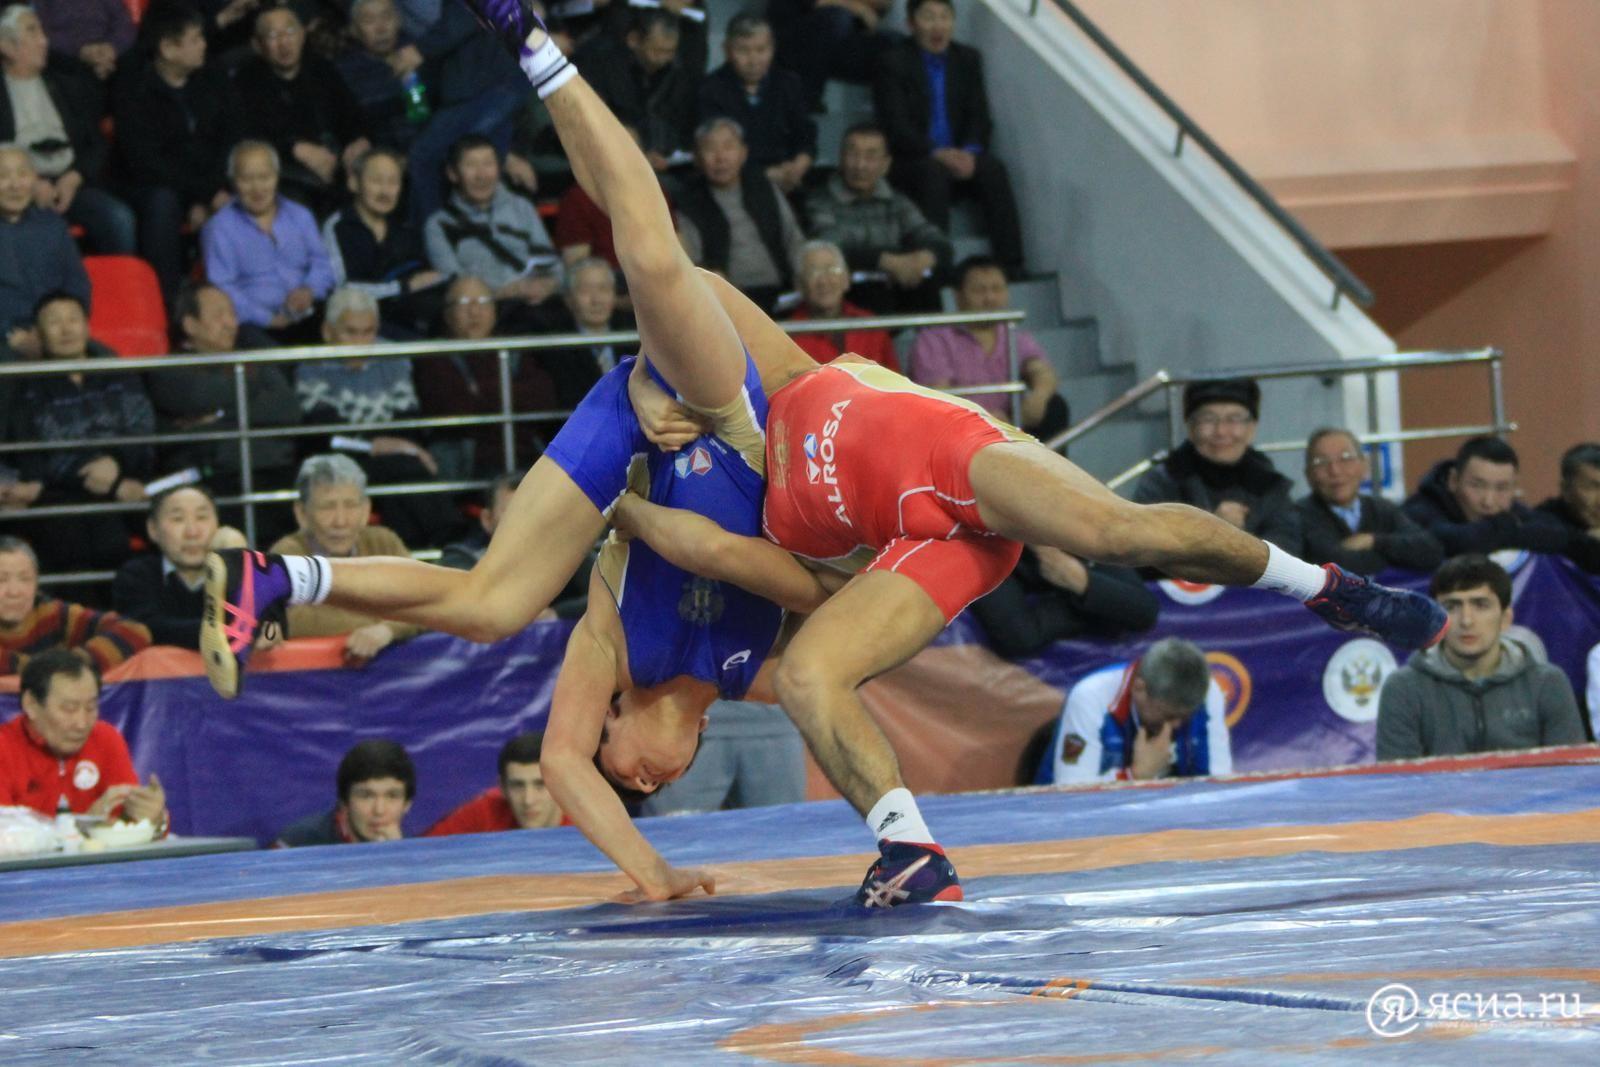 В Якутске сборная России выиграла Кубок мира по вольной борьбе впервые за восемь лет